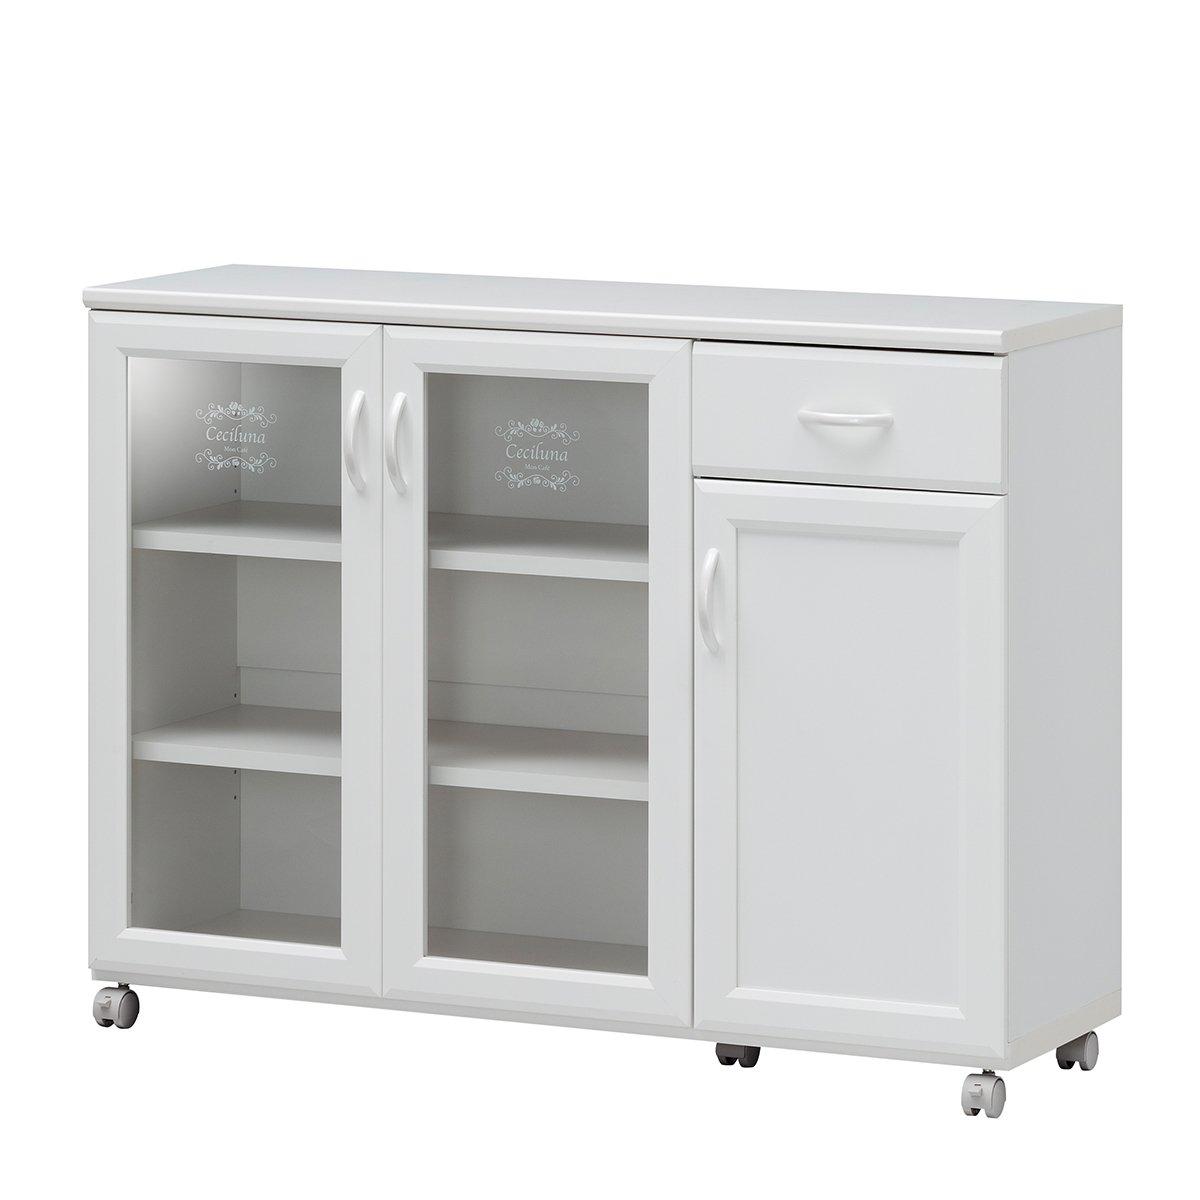 白井産業【SHIRAI】カウンターワゴン 食器棚 キッチン収納 キャスター付 セシルナ ホワイト 白 幅約112cm 高さ約85cm 【2梱包】 CEC-8511CW CEC-8511CW B01HTLO12A Parent